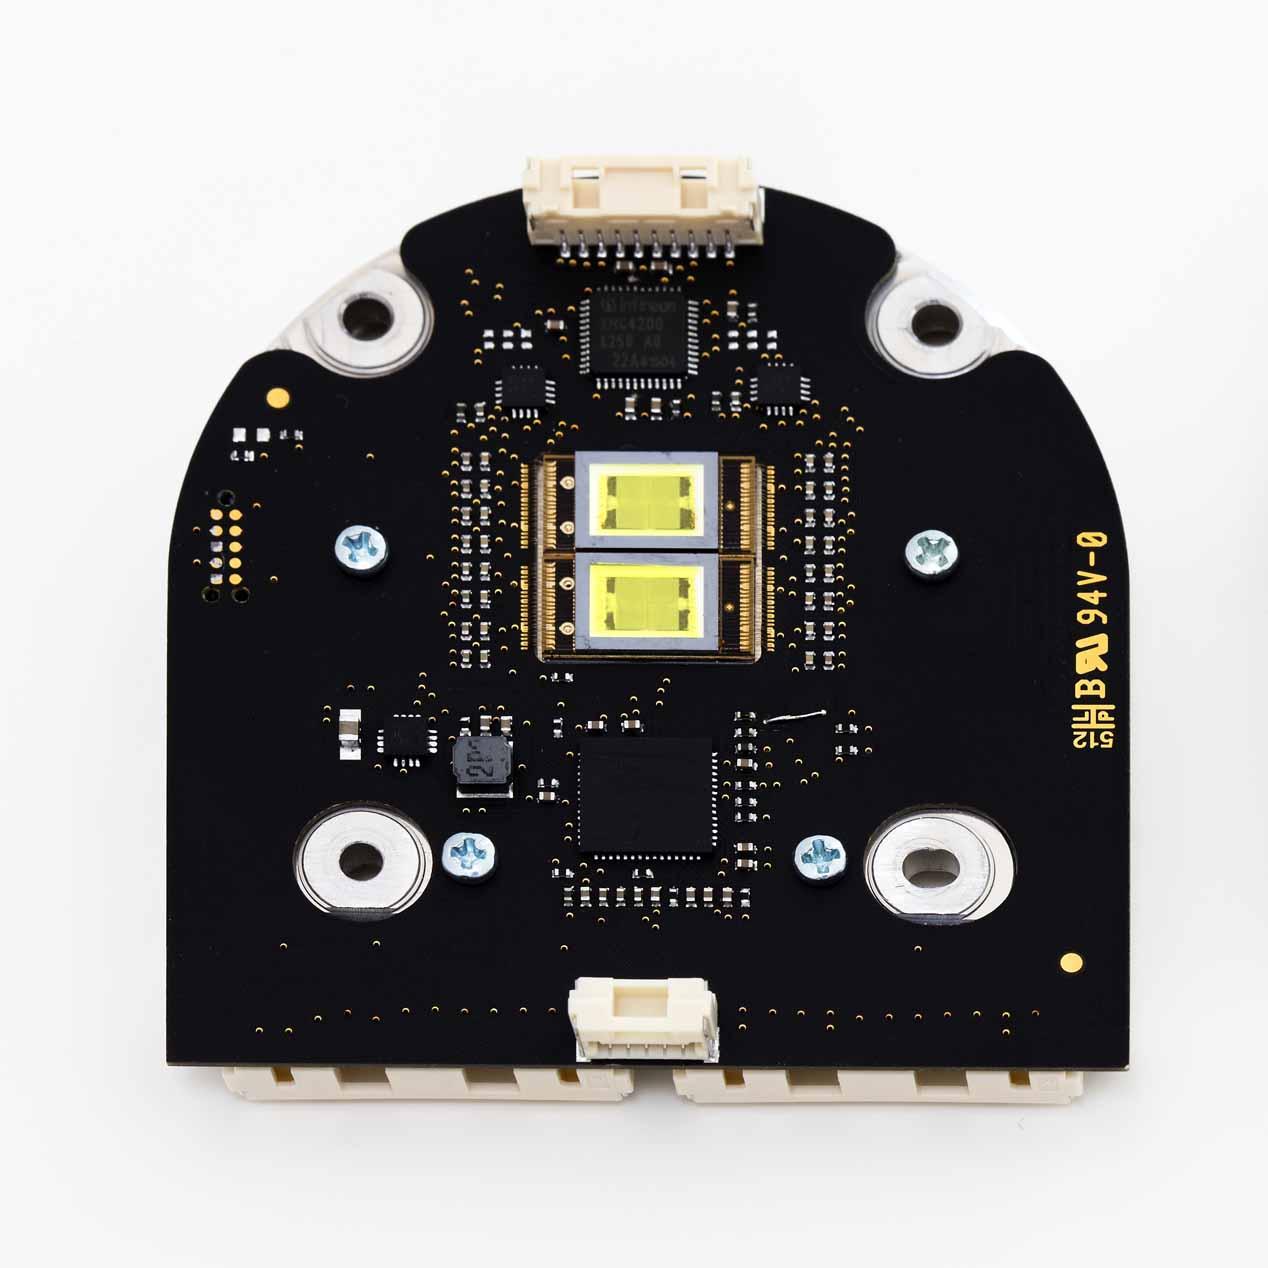 El módulo LED está equipado con una interfase eléctrica y térmica con la electrónica del vehículo.